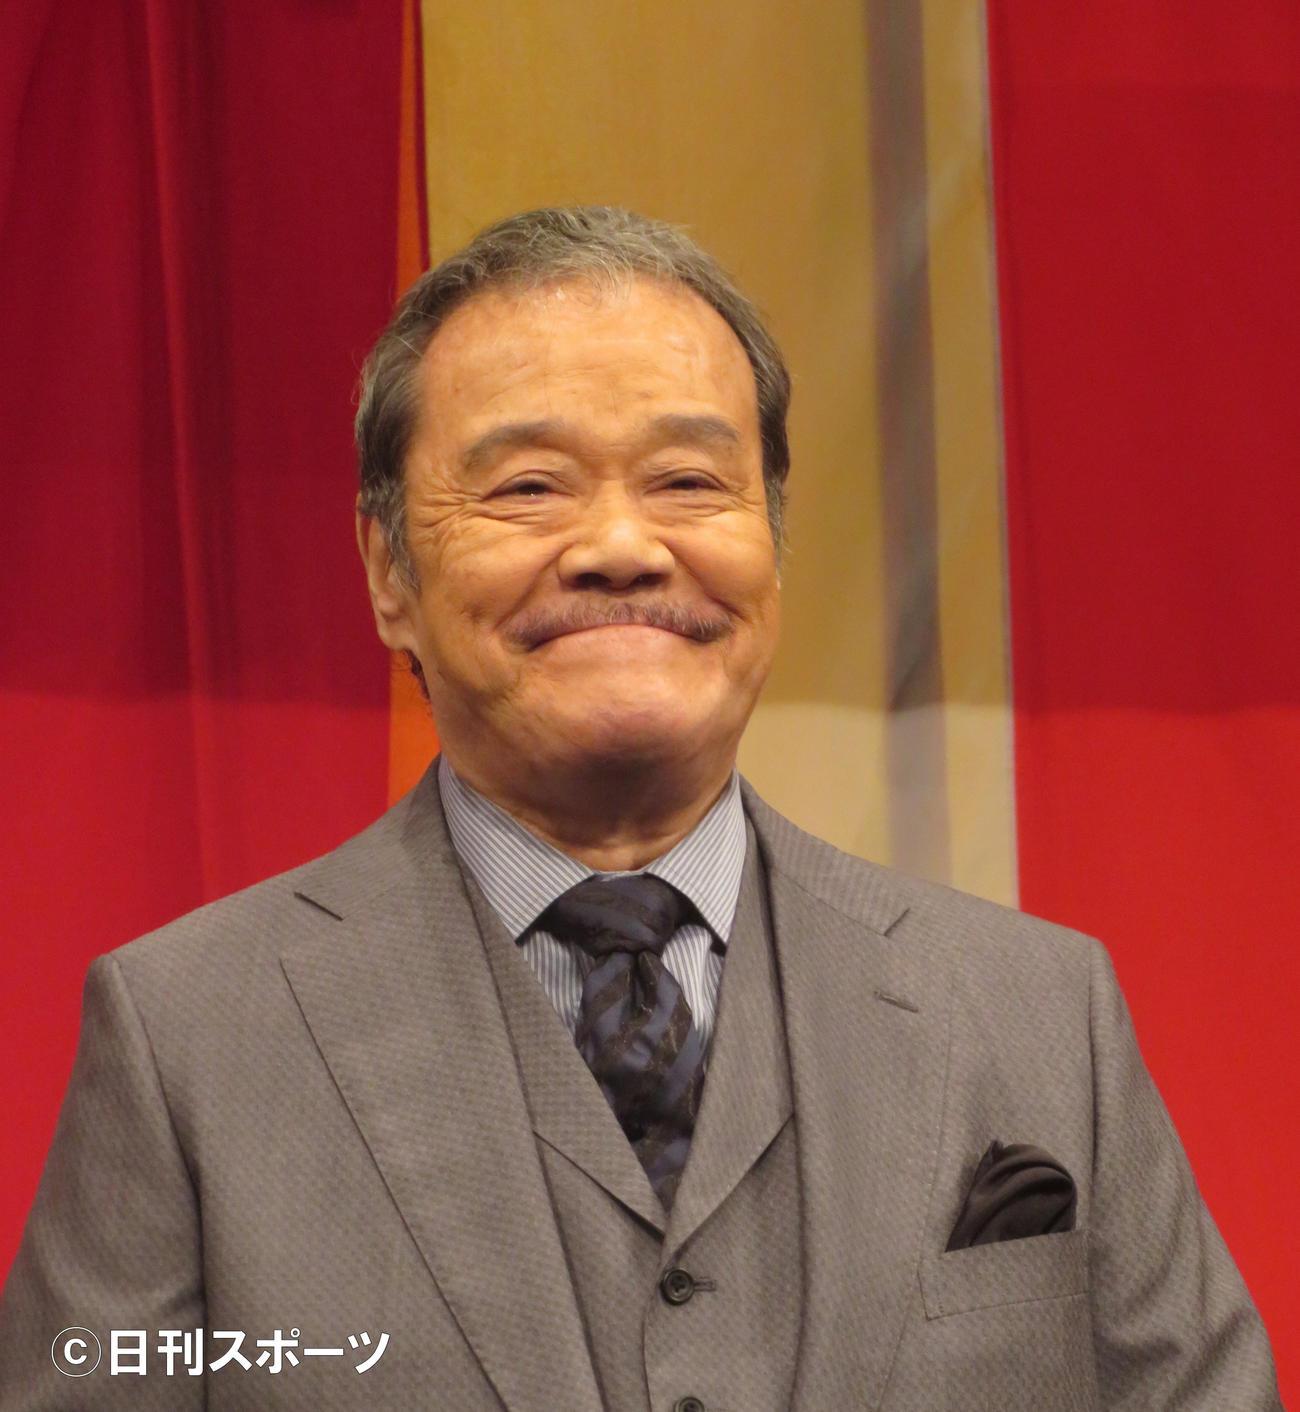 西田敏行(2019年8月26日撮影)